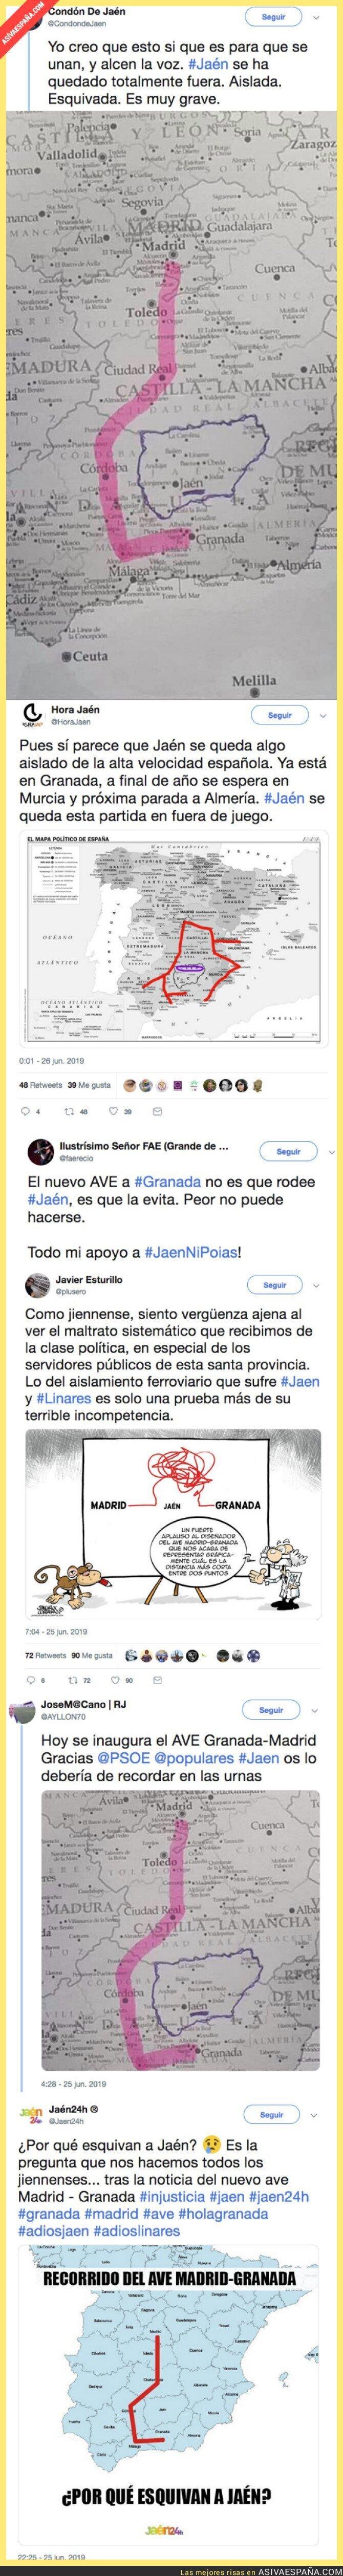 115171 - Jaen queda totalmente aislada en el mapa tras la inaguración del AVE a Granada